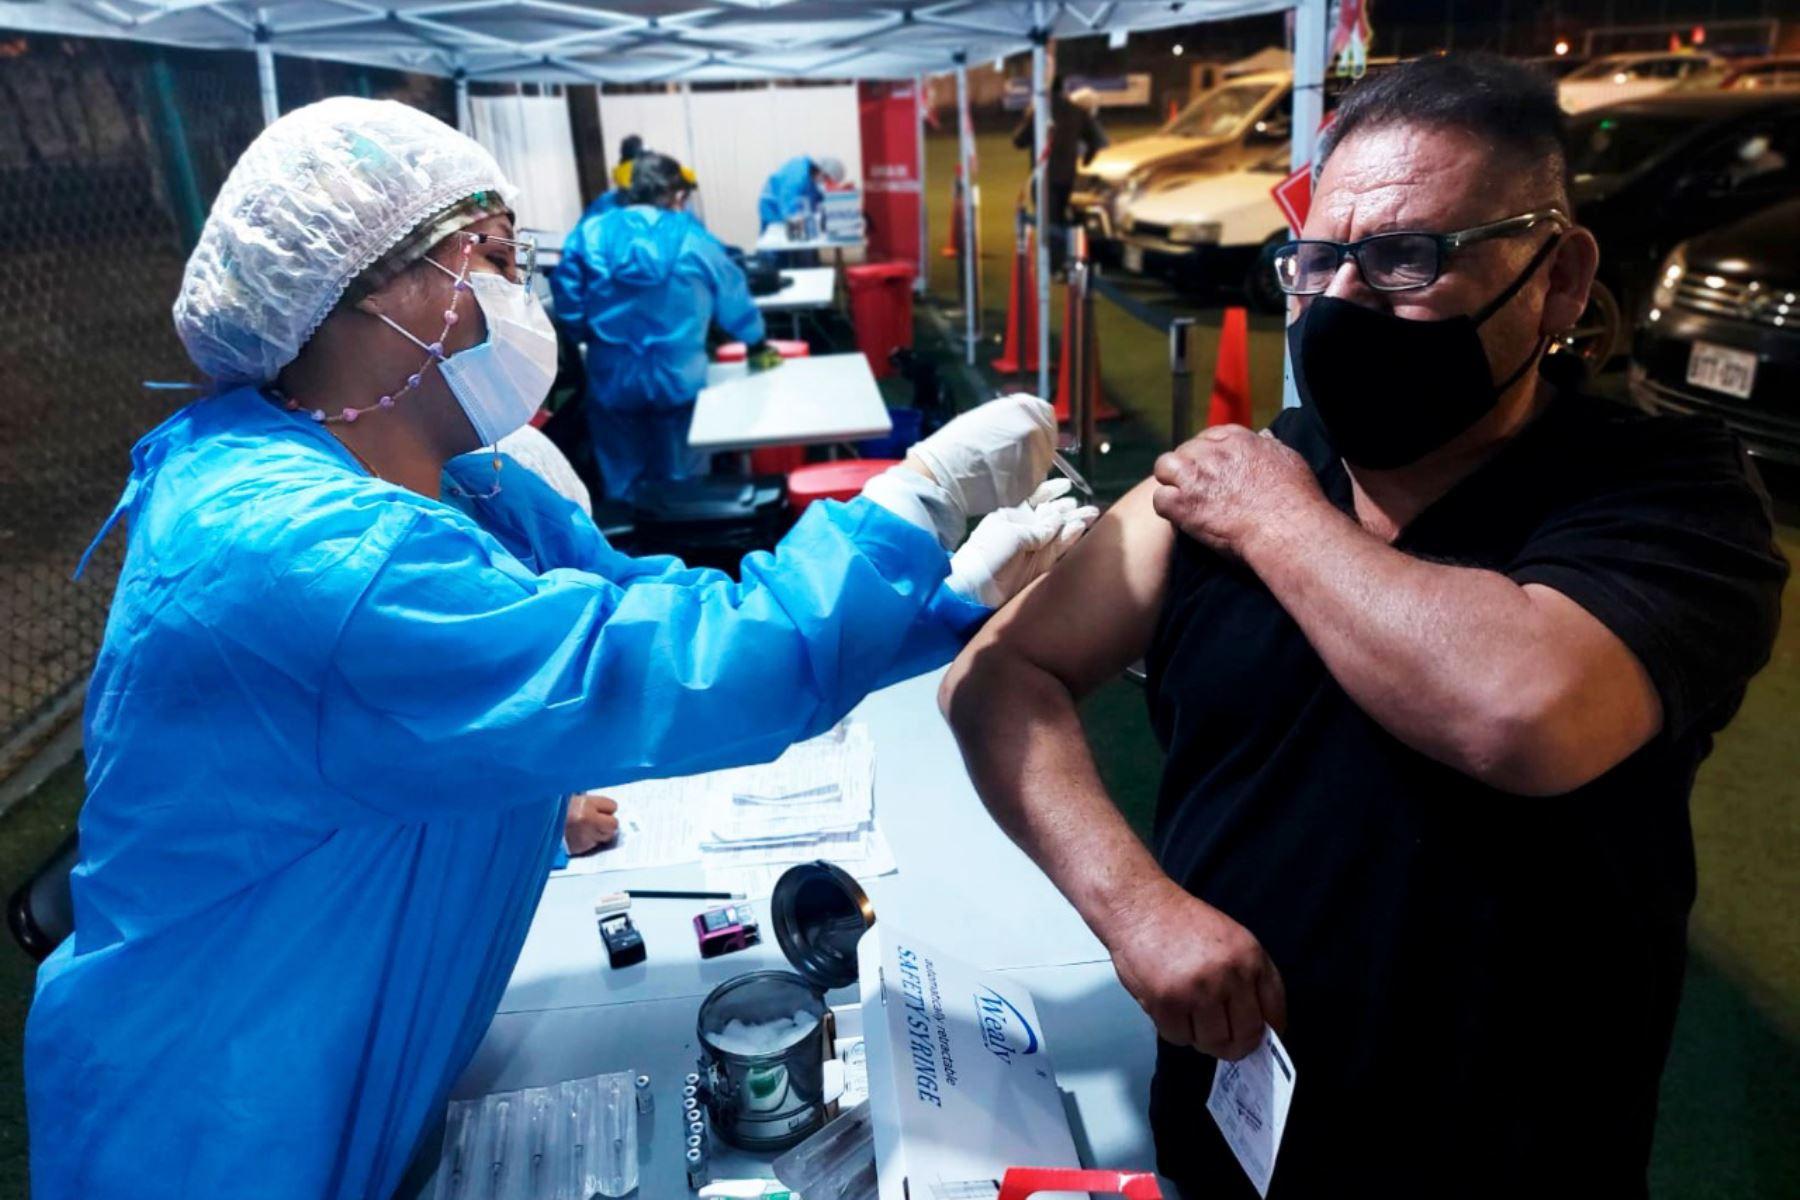 Continua tercera jornada del Vacunatón que se realizará durante 36 horas seguidas, desde las 7 a.m. del sábado 24 hasta las 7 p.m. del domingo 25 de julio, en 22 locales de vacunación habilitados en Lima y Callao. Foto: ANDINA/Minsa